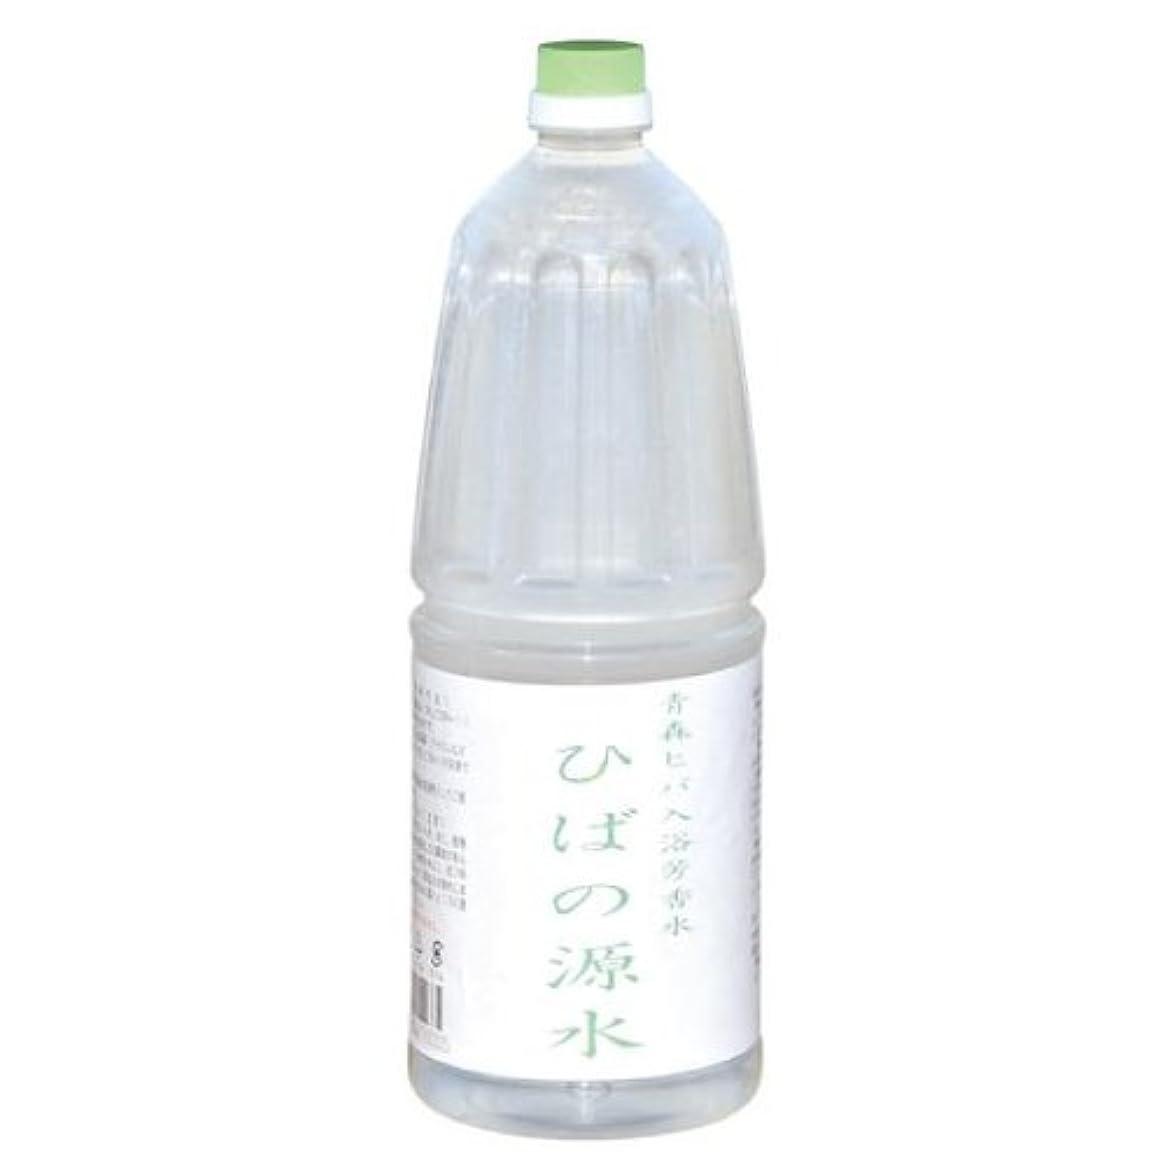 検出企業北東青森ひば蒸留水 ひばの源水1800ml